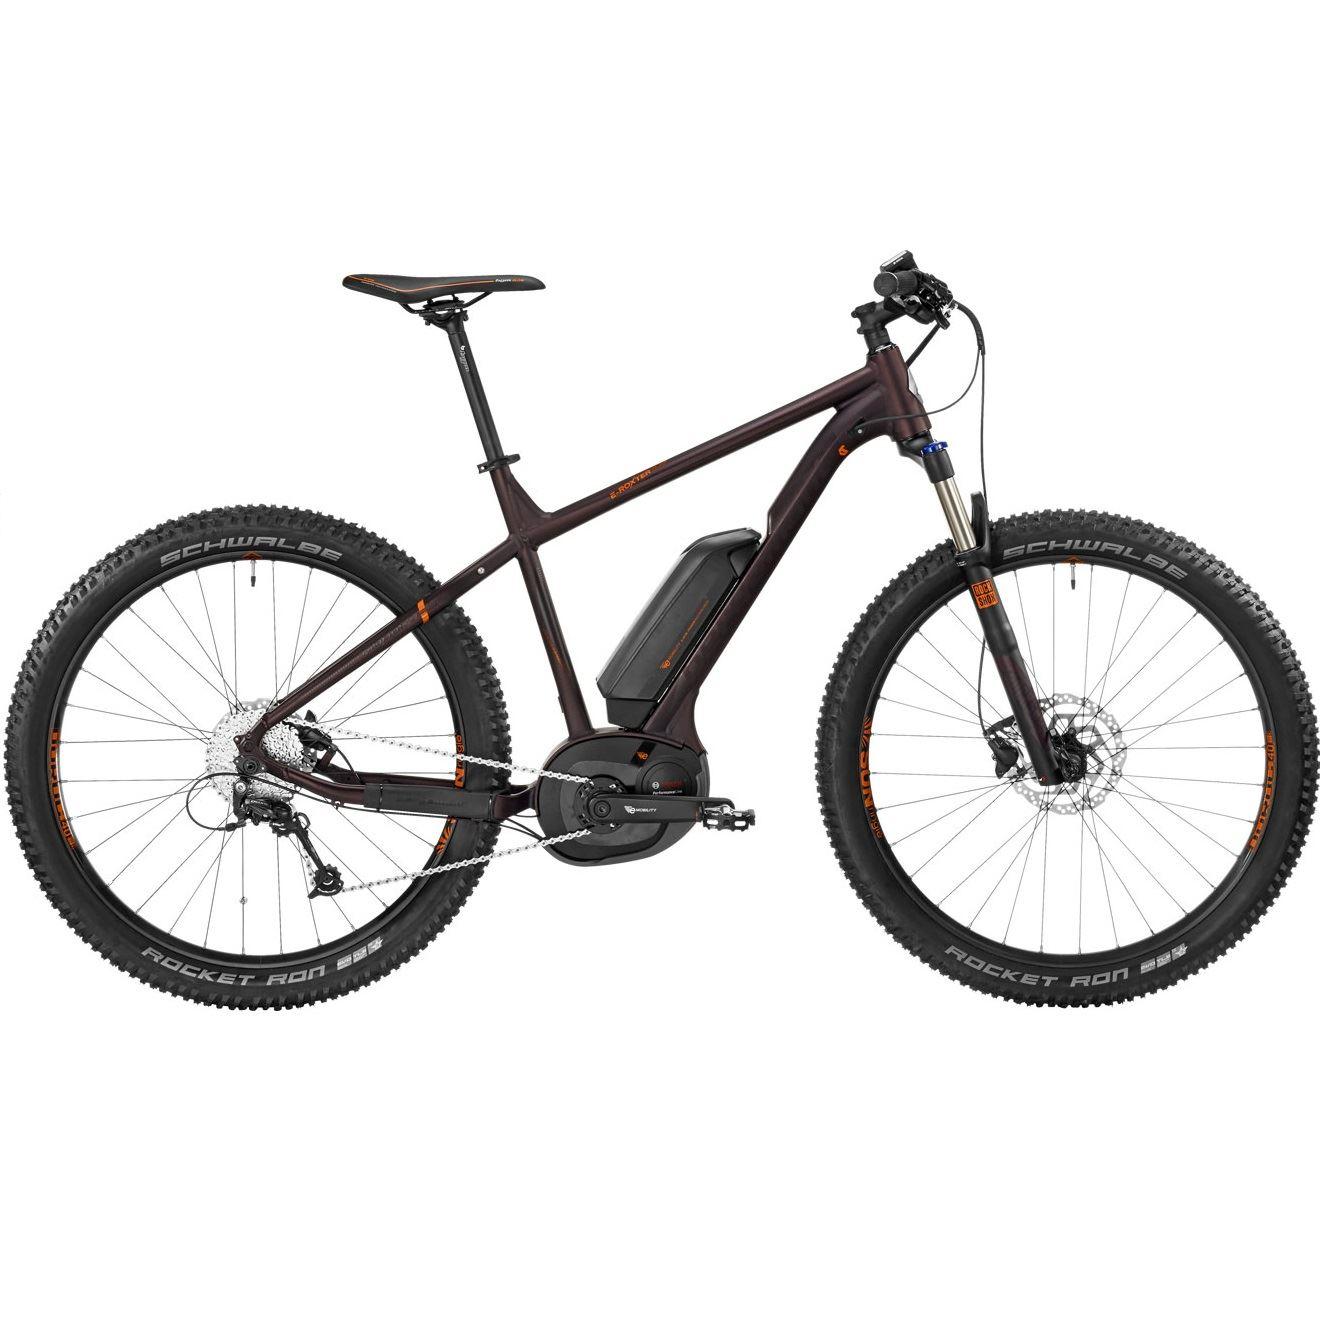 E-Bike | Bergamont E-Roxter - Size M